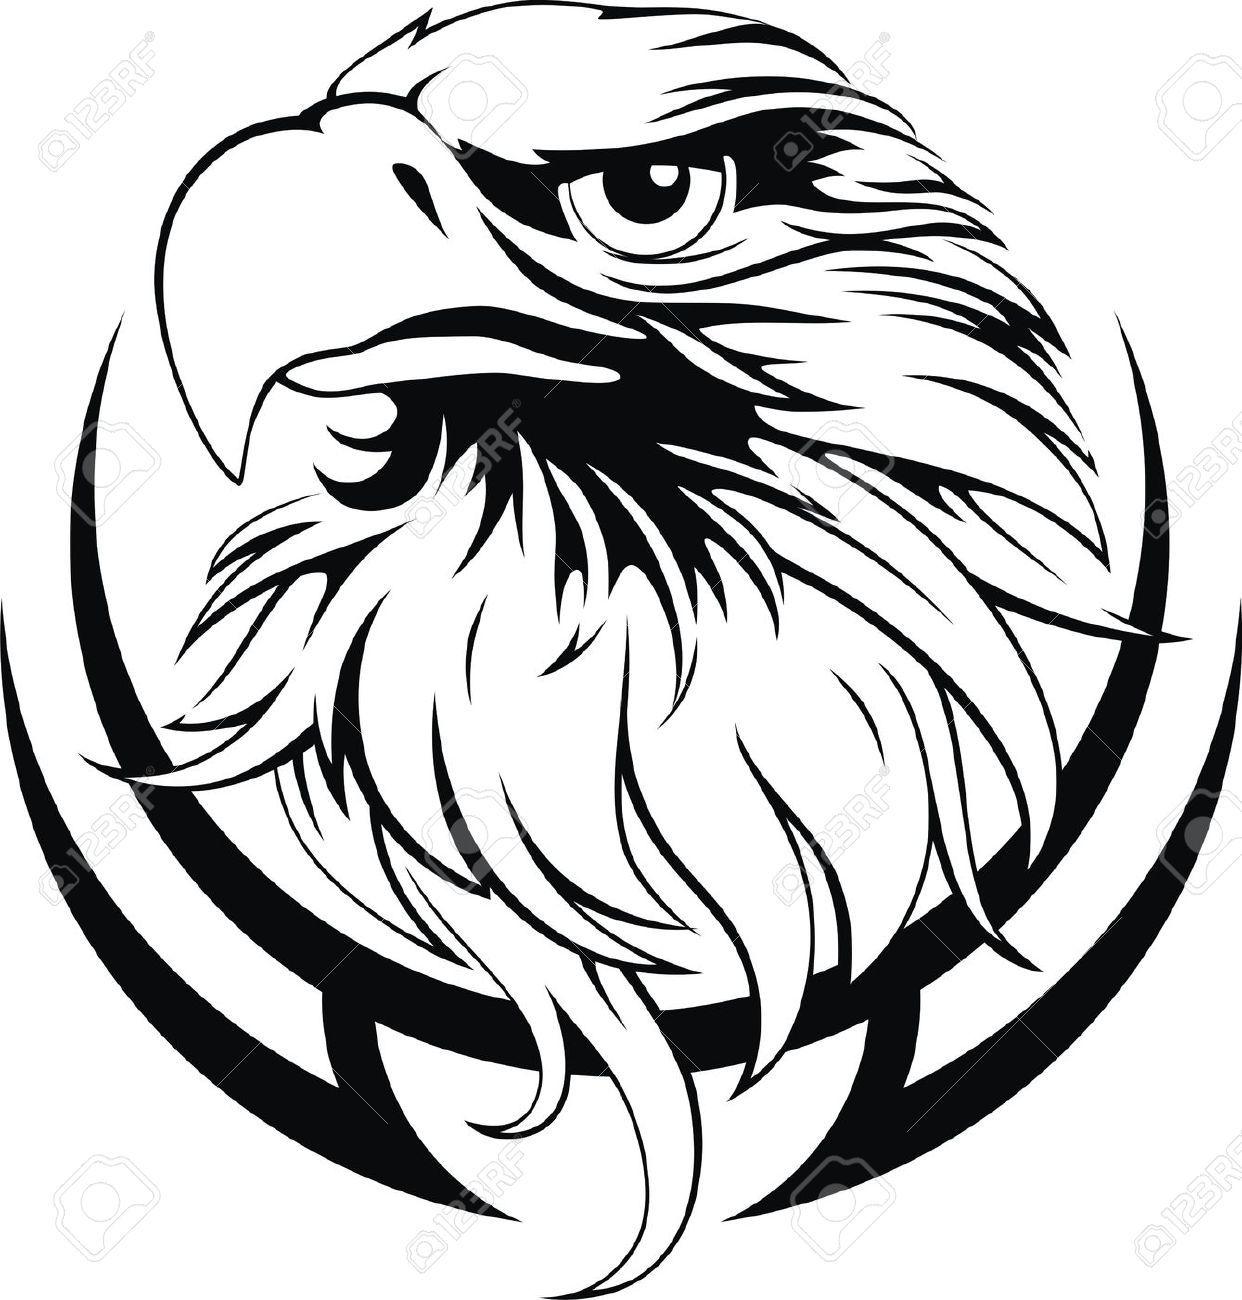 Falcon clipart blackhawk. Black hawk cliparts stock